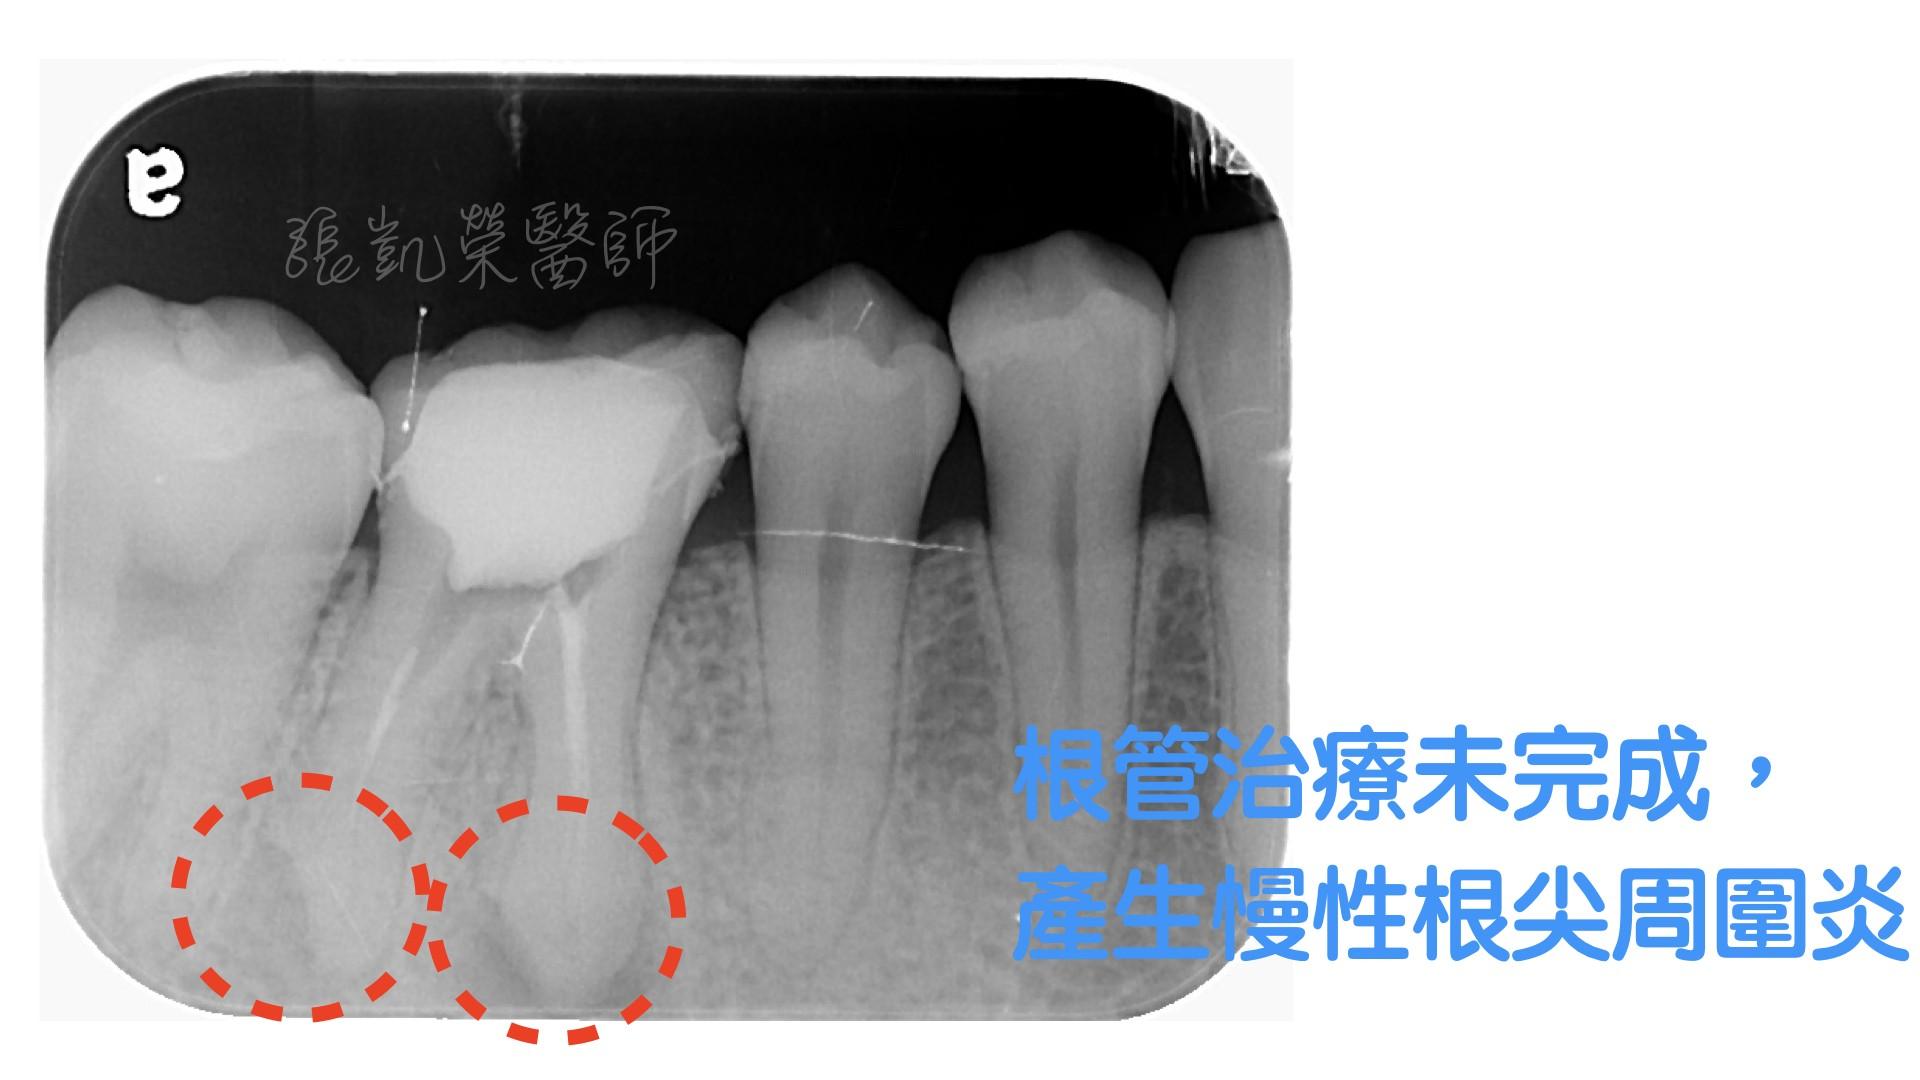 牙齒有酸酸的感覺,牙齒是怎麼了呢?  part V:根管未完成,根尖發炎